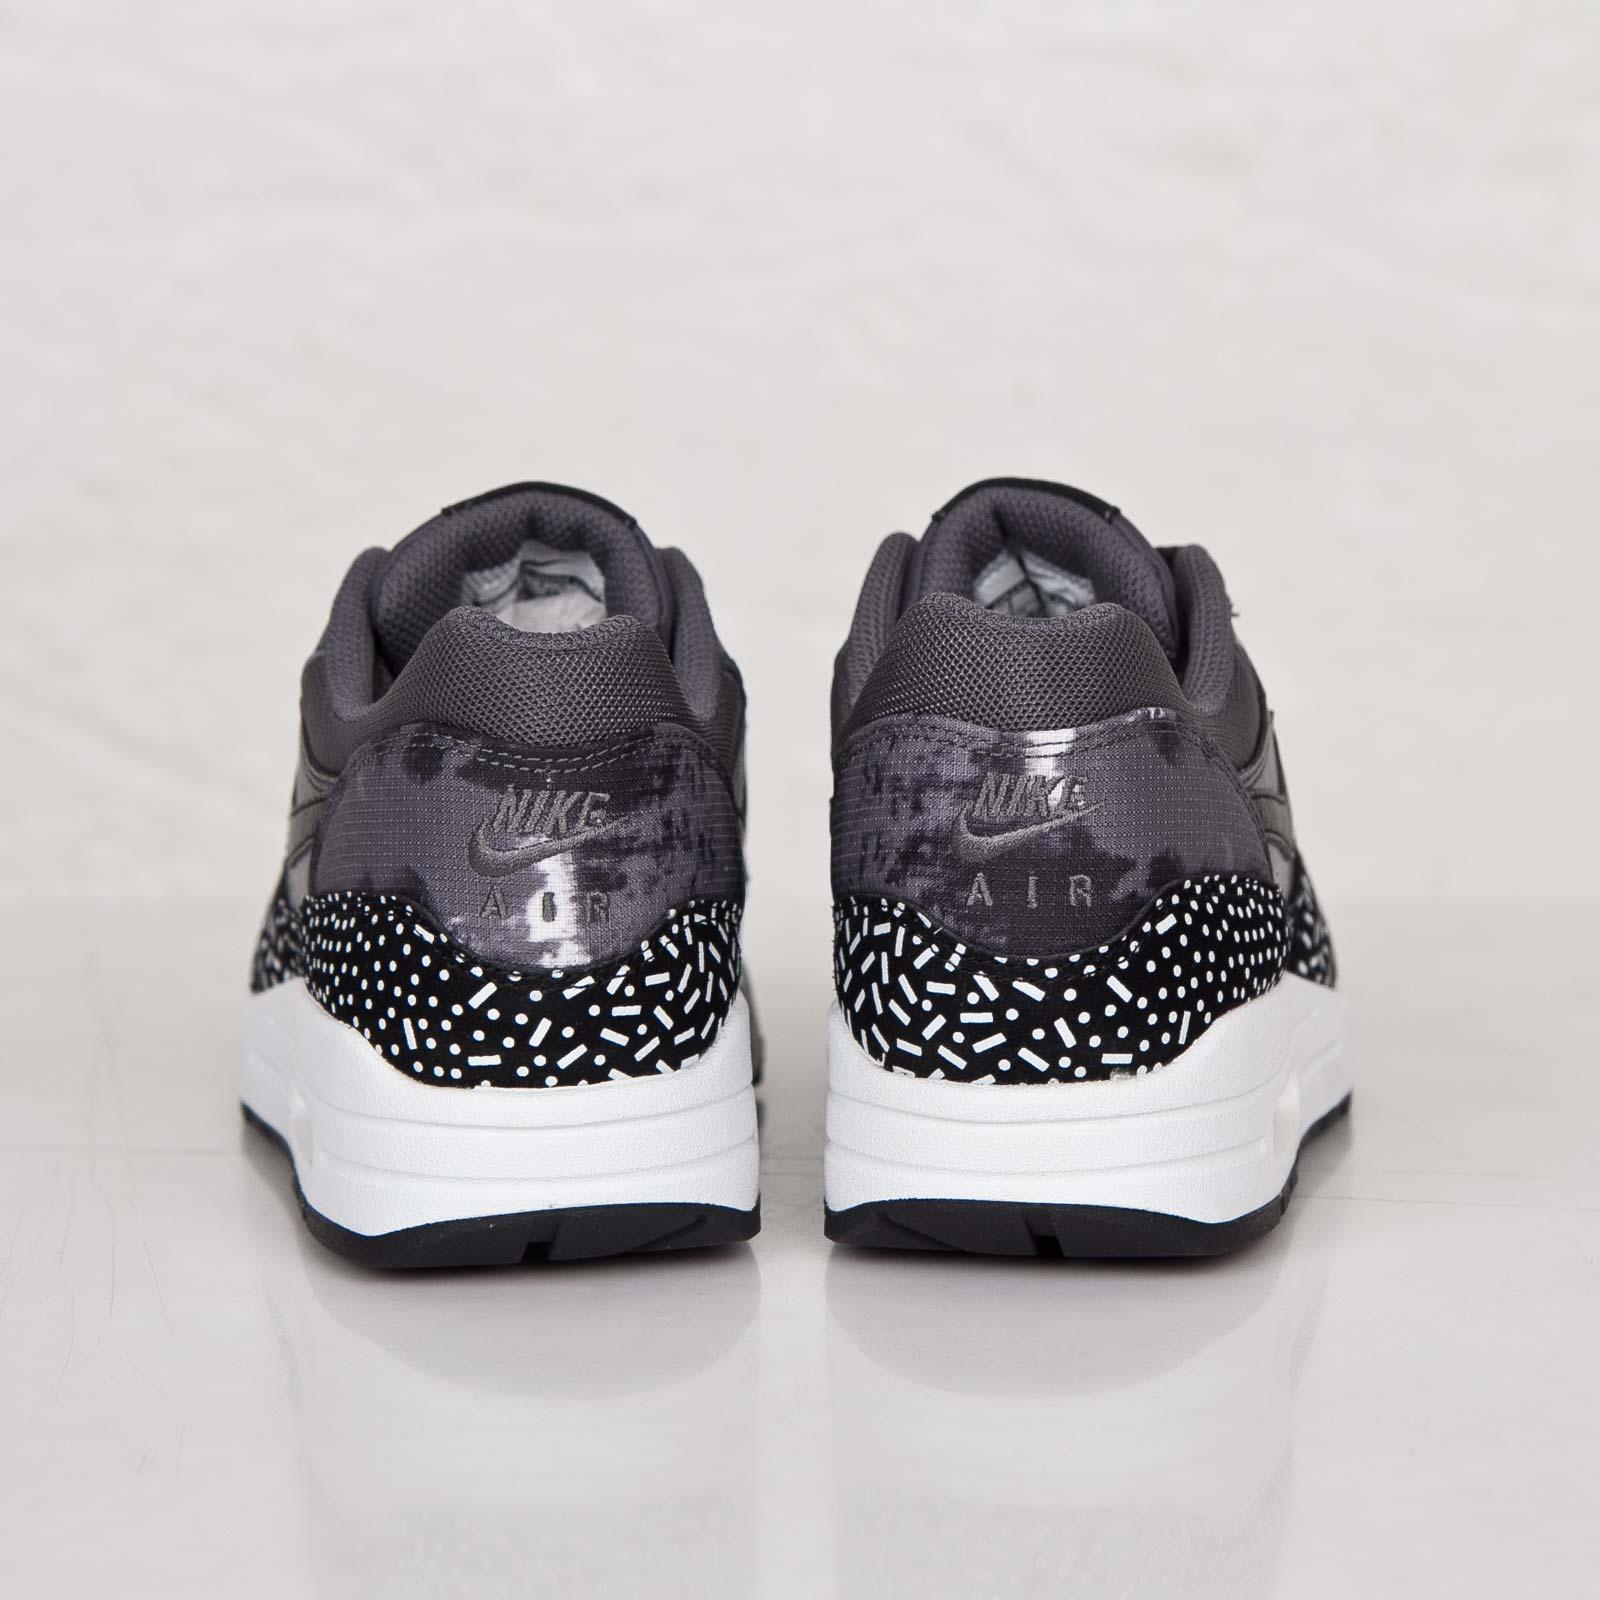 Nike Wmns Air Max 1 Print 528898 001 Sneakersnstuff Sneakers Streetwear Online Since 1999